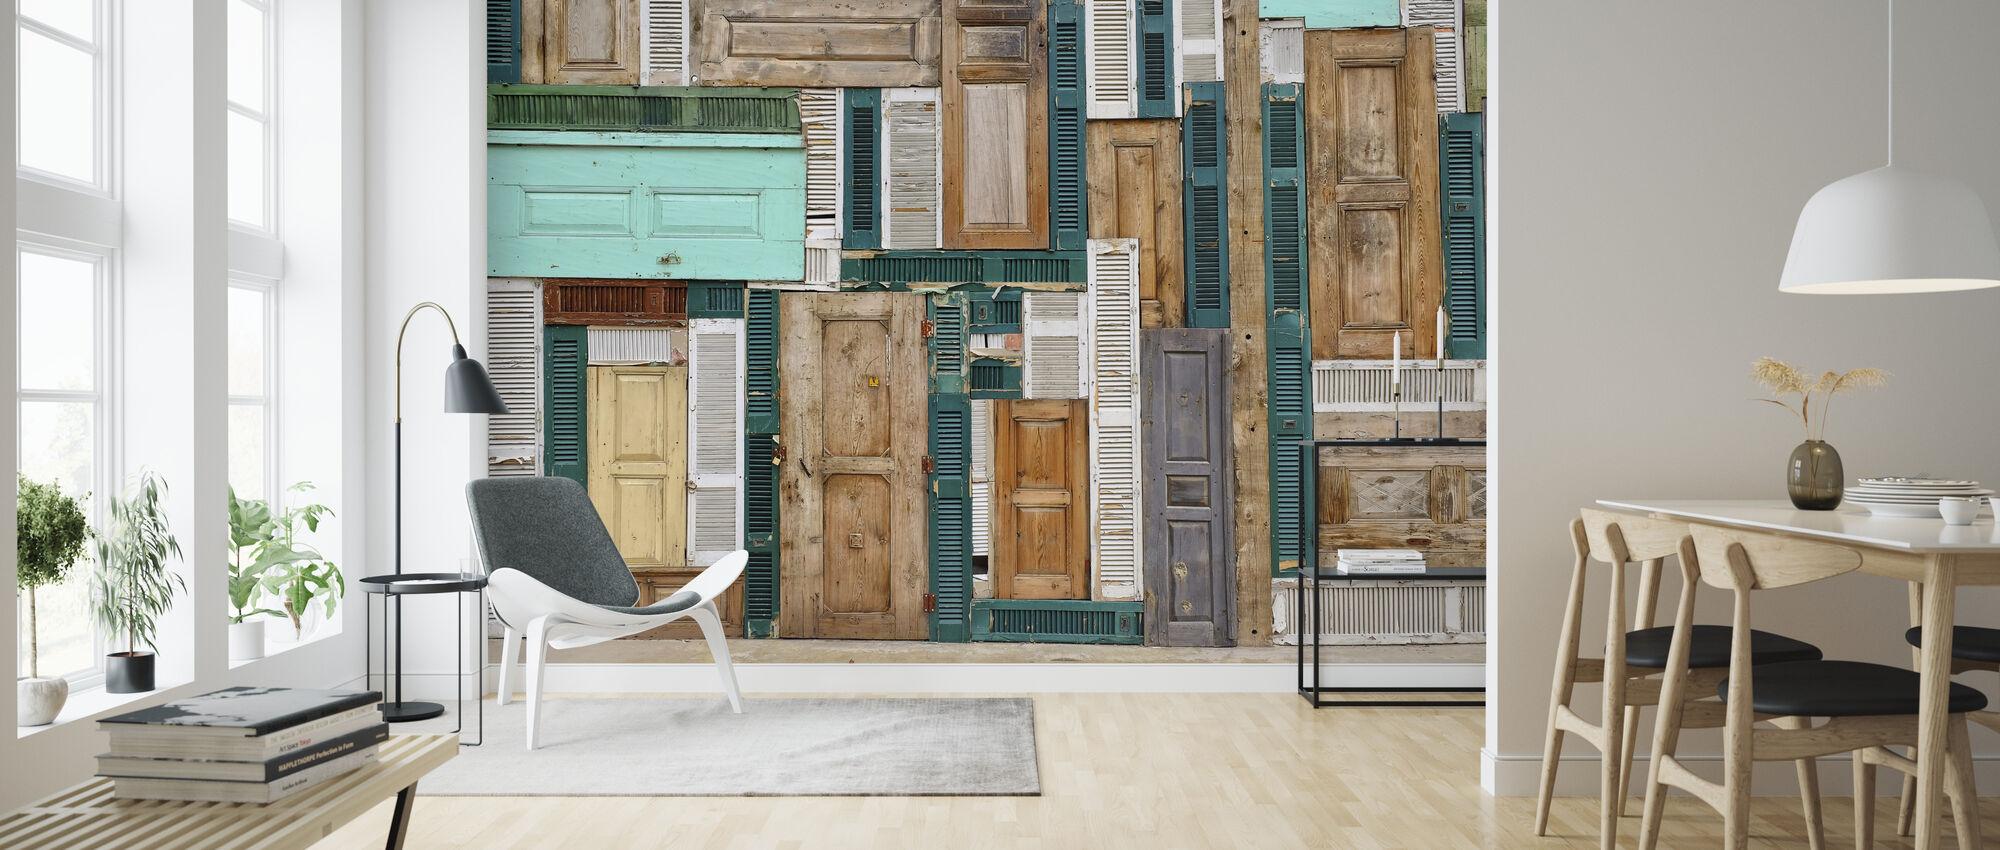 The Doors - Wallpaper - Living Room